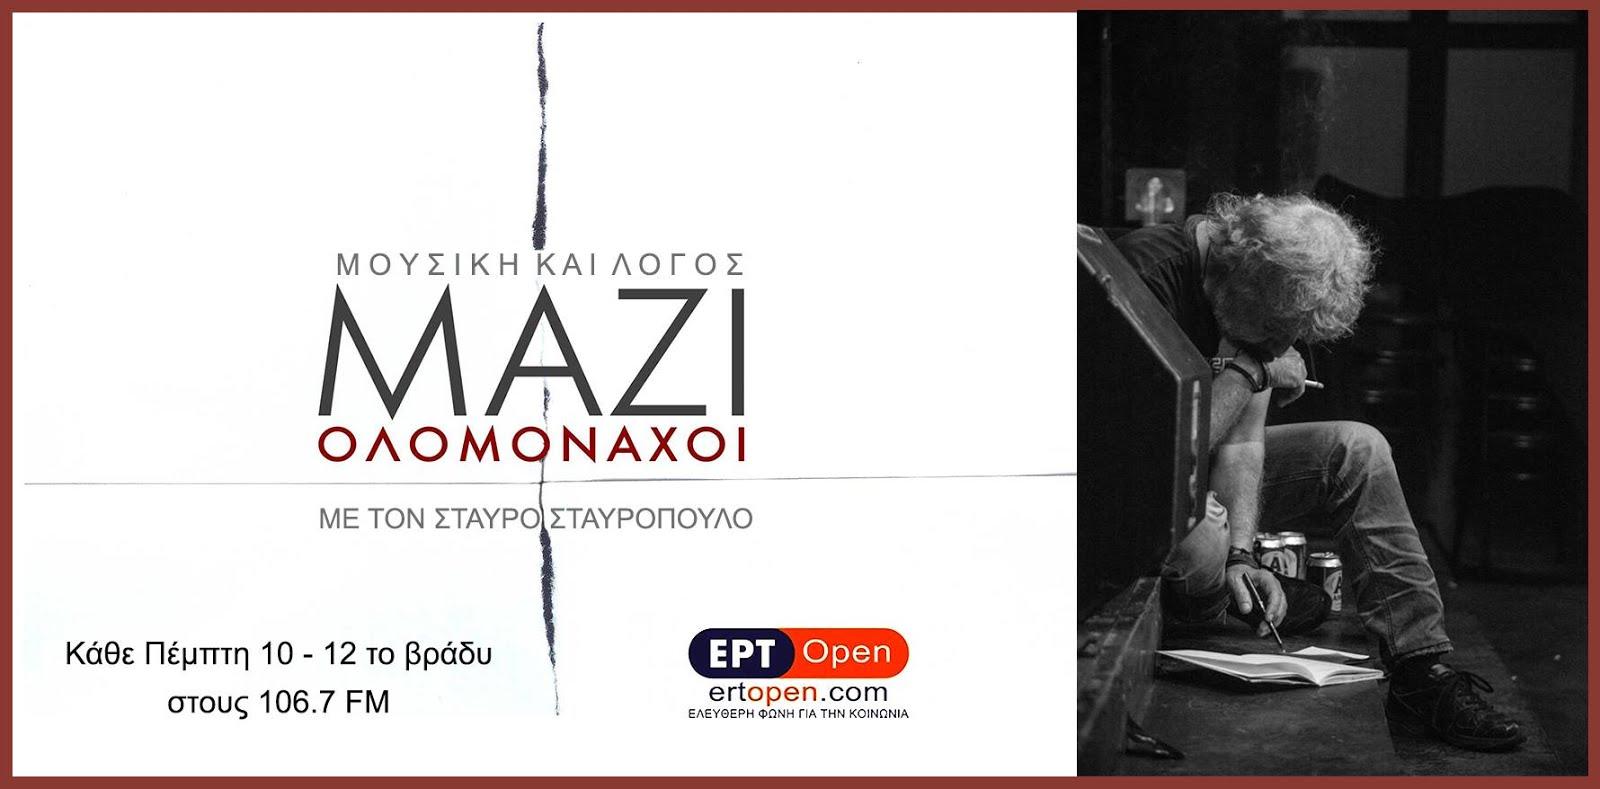 ΟΛΟΜΟΝΑΧΟΙ ΜΑΖΙ | ΕΡΤ Open 106.7 FM